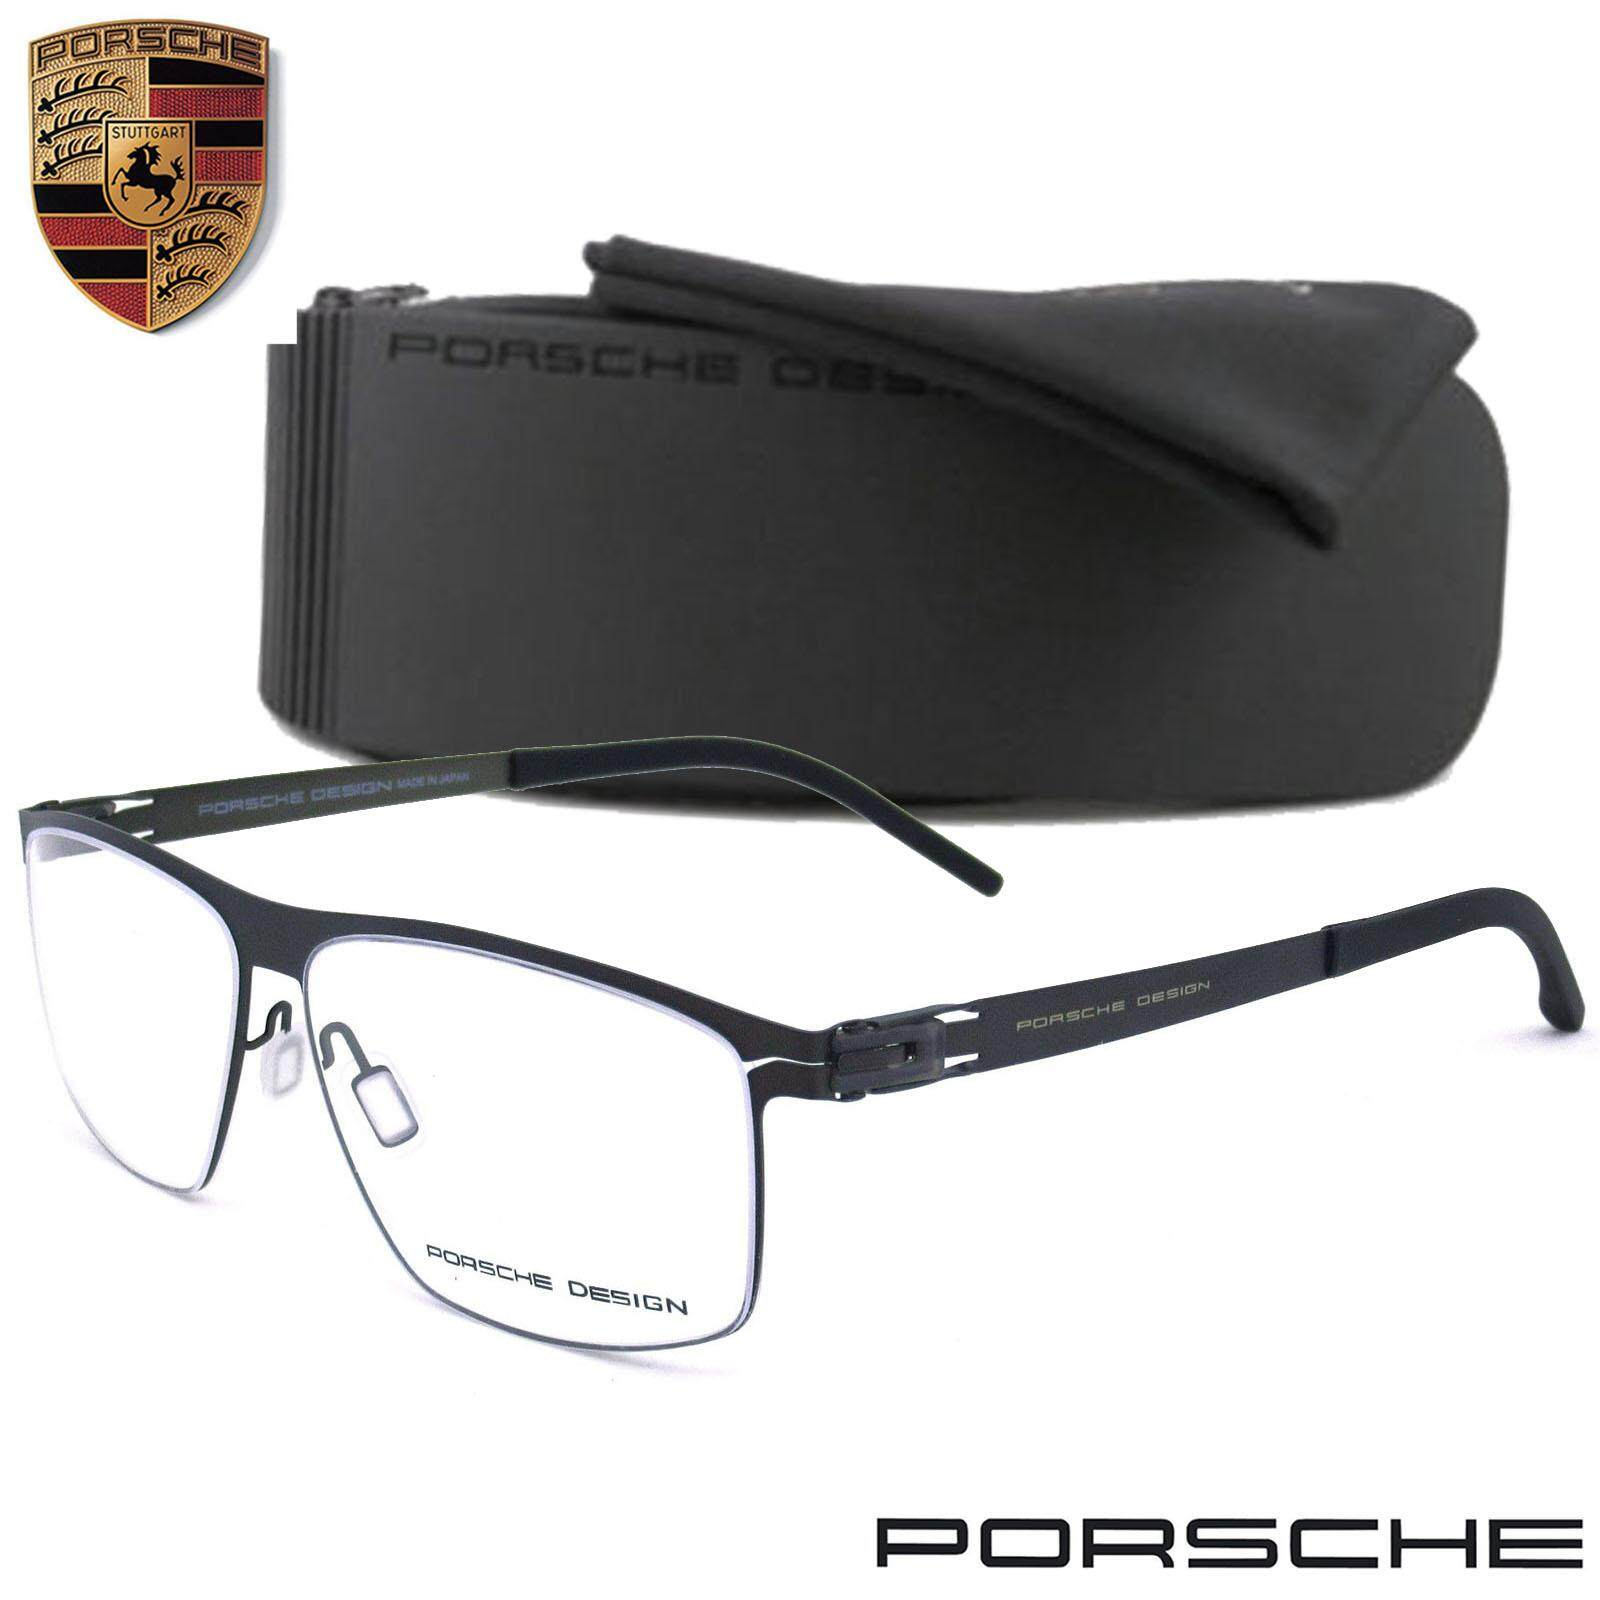 โปรโมชั่น Porsche Design แว่นตา รุ่น 1081 ทรงสปอร์ต วัสดุ สแตนเลสสตีล หรือเหล็กกล้าไร้สนิม Stainless Steel ขาข้อต่อ กรอบแว่นตา ใน กรุงเทพมหานคร